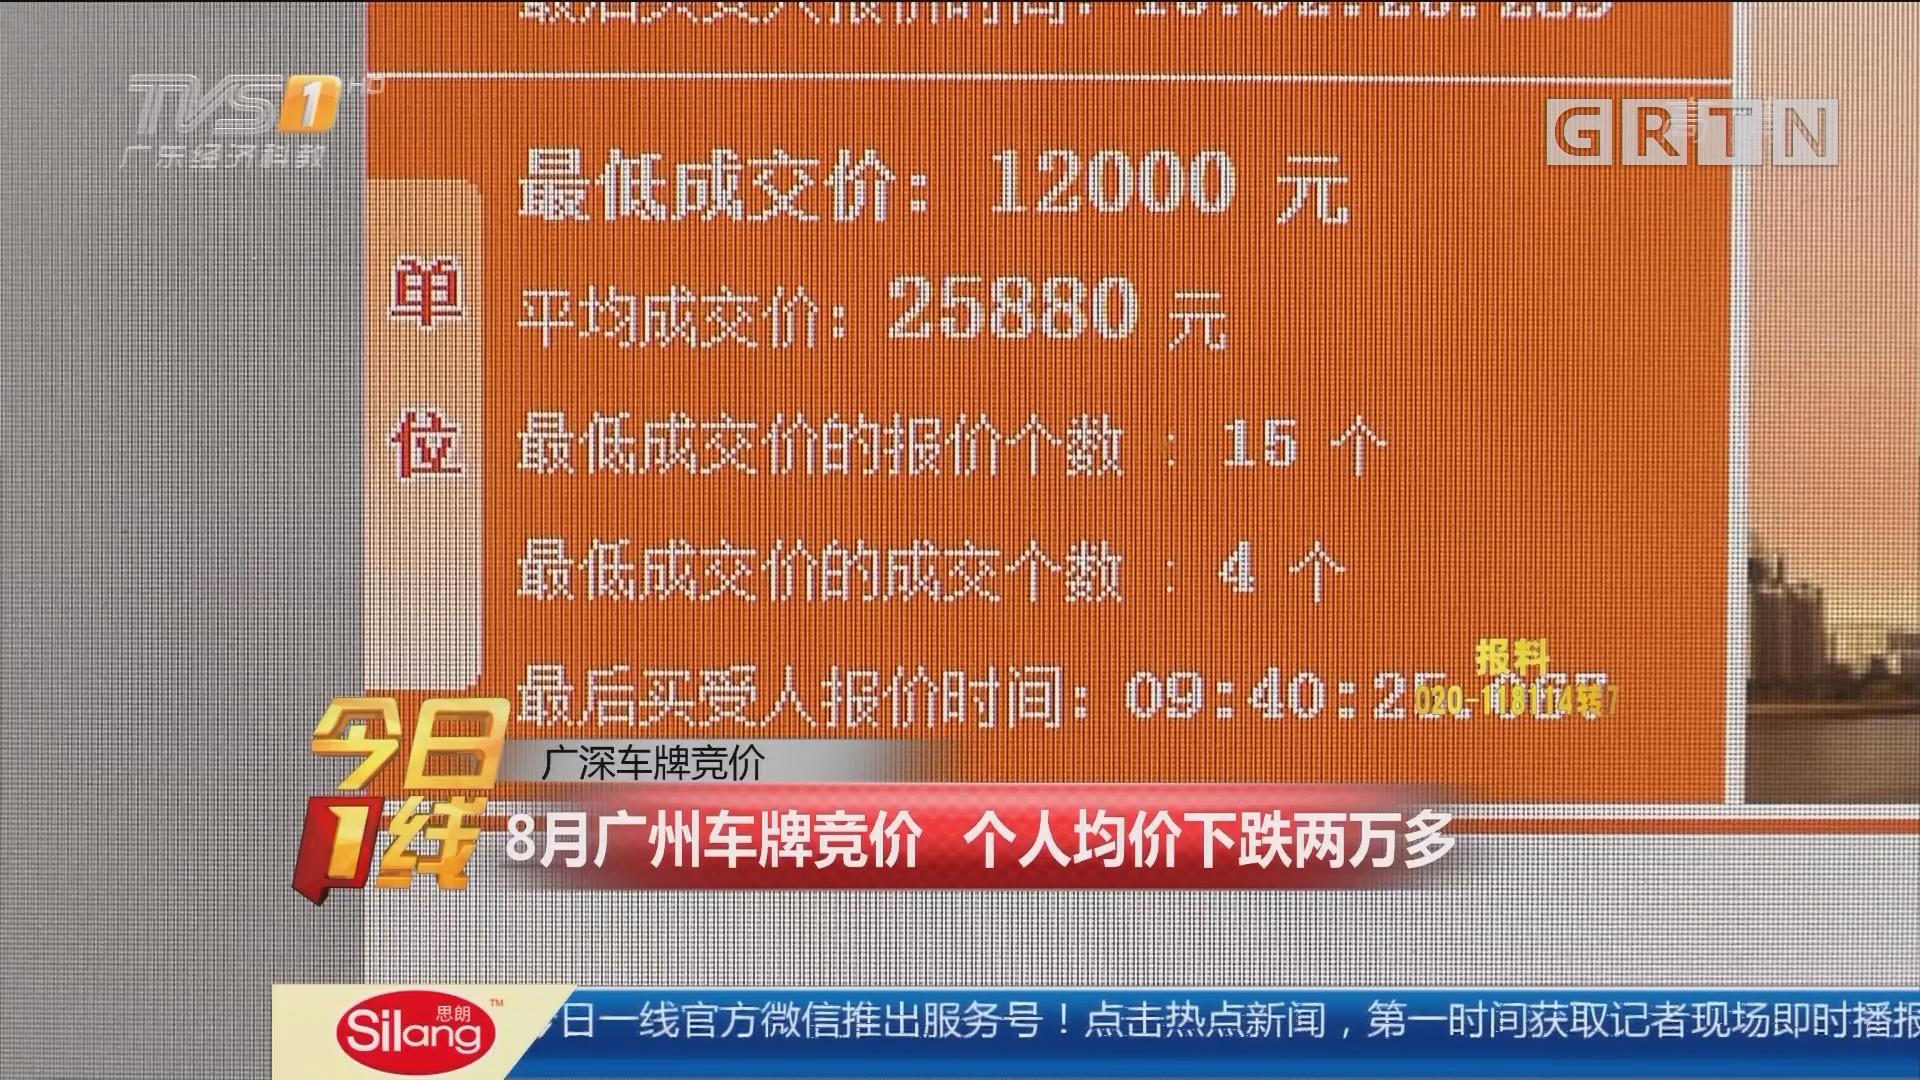 广深车牌竞价:8月广州车牌竞价 个人均价下跌两万多